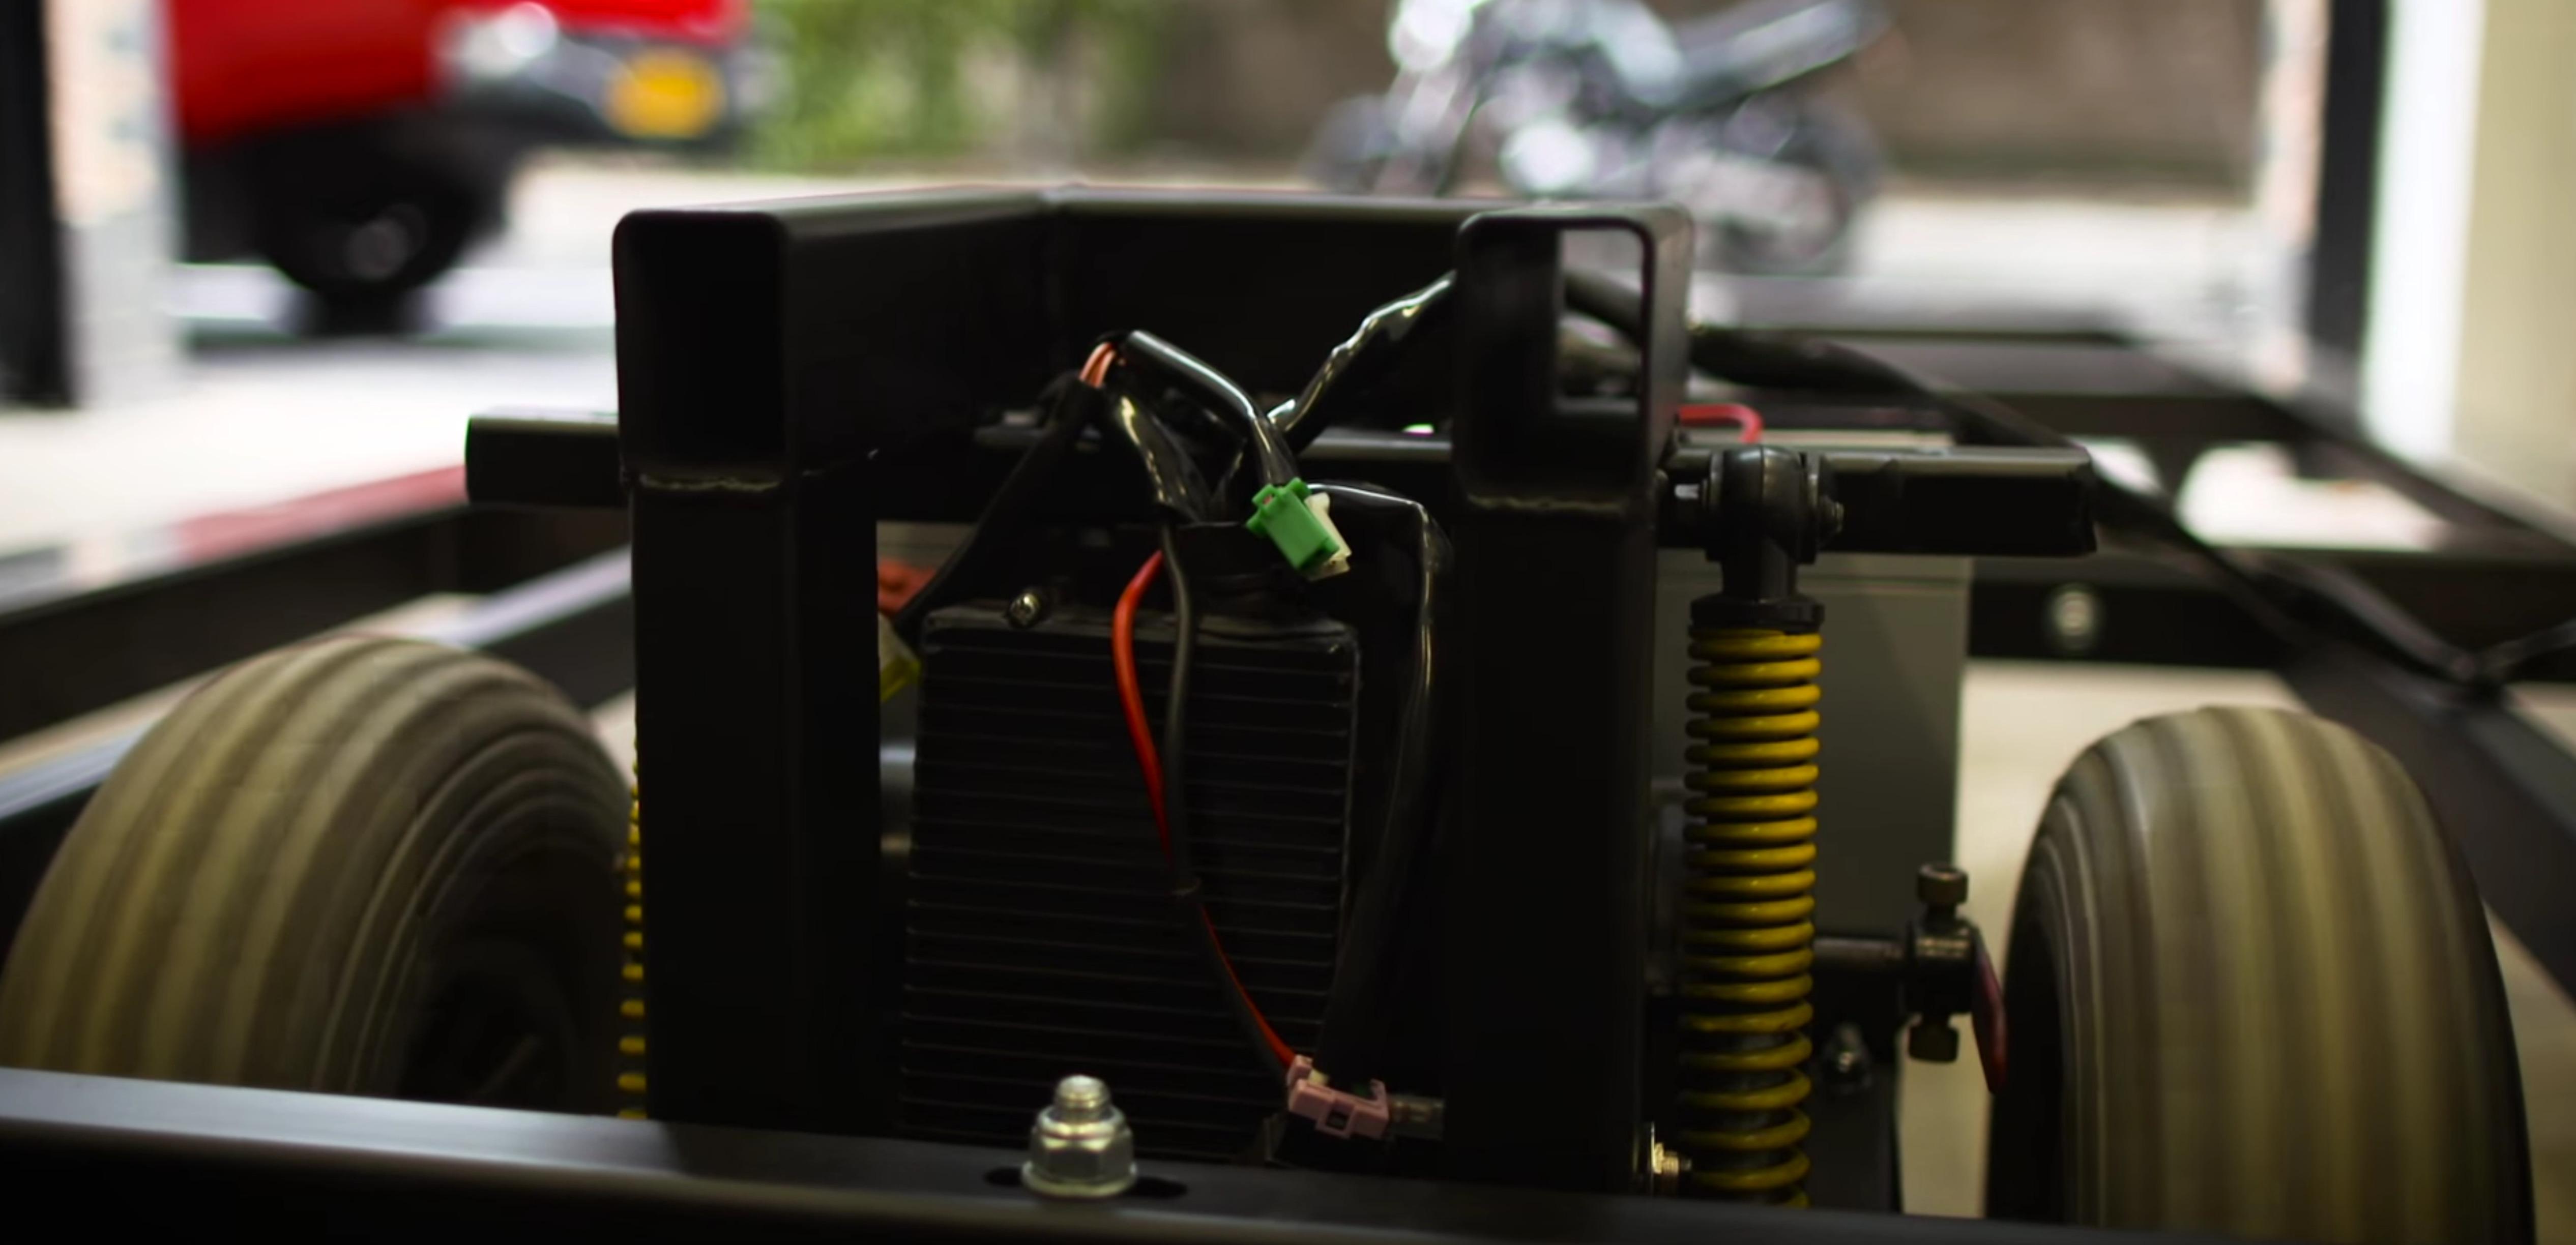 cardboard-car-motor